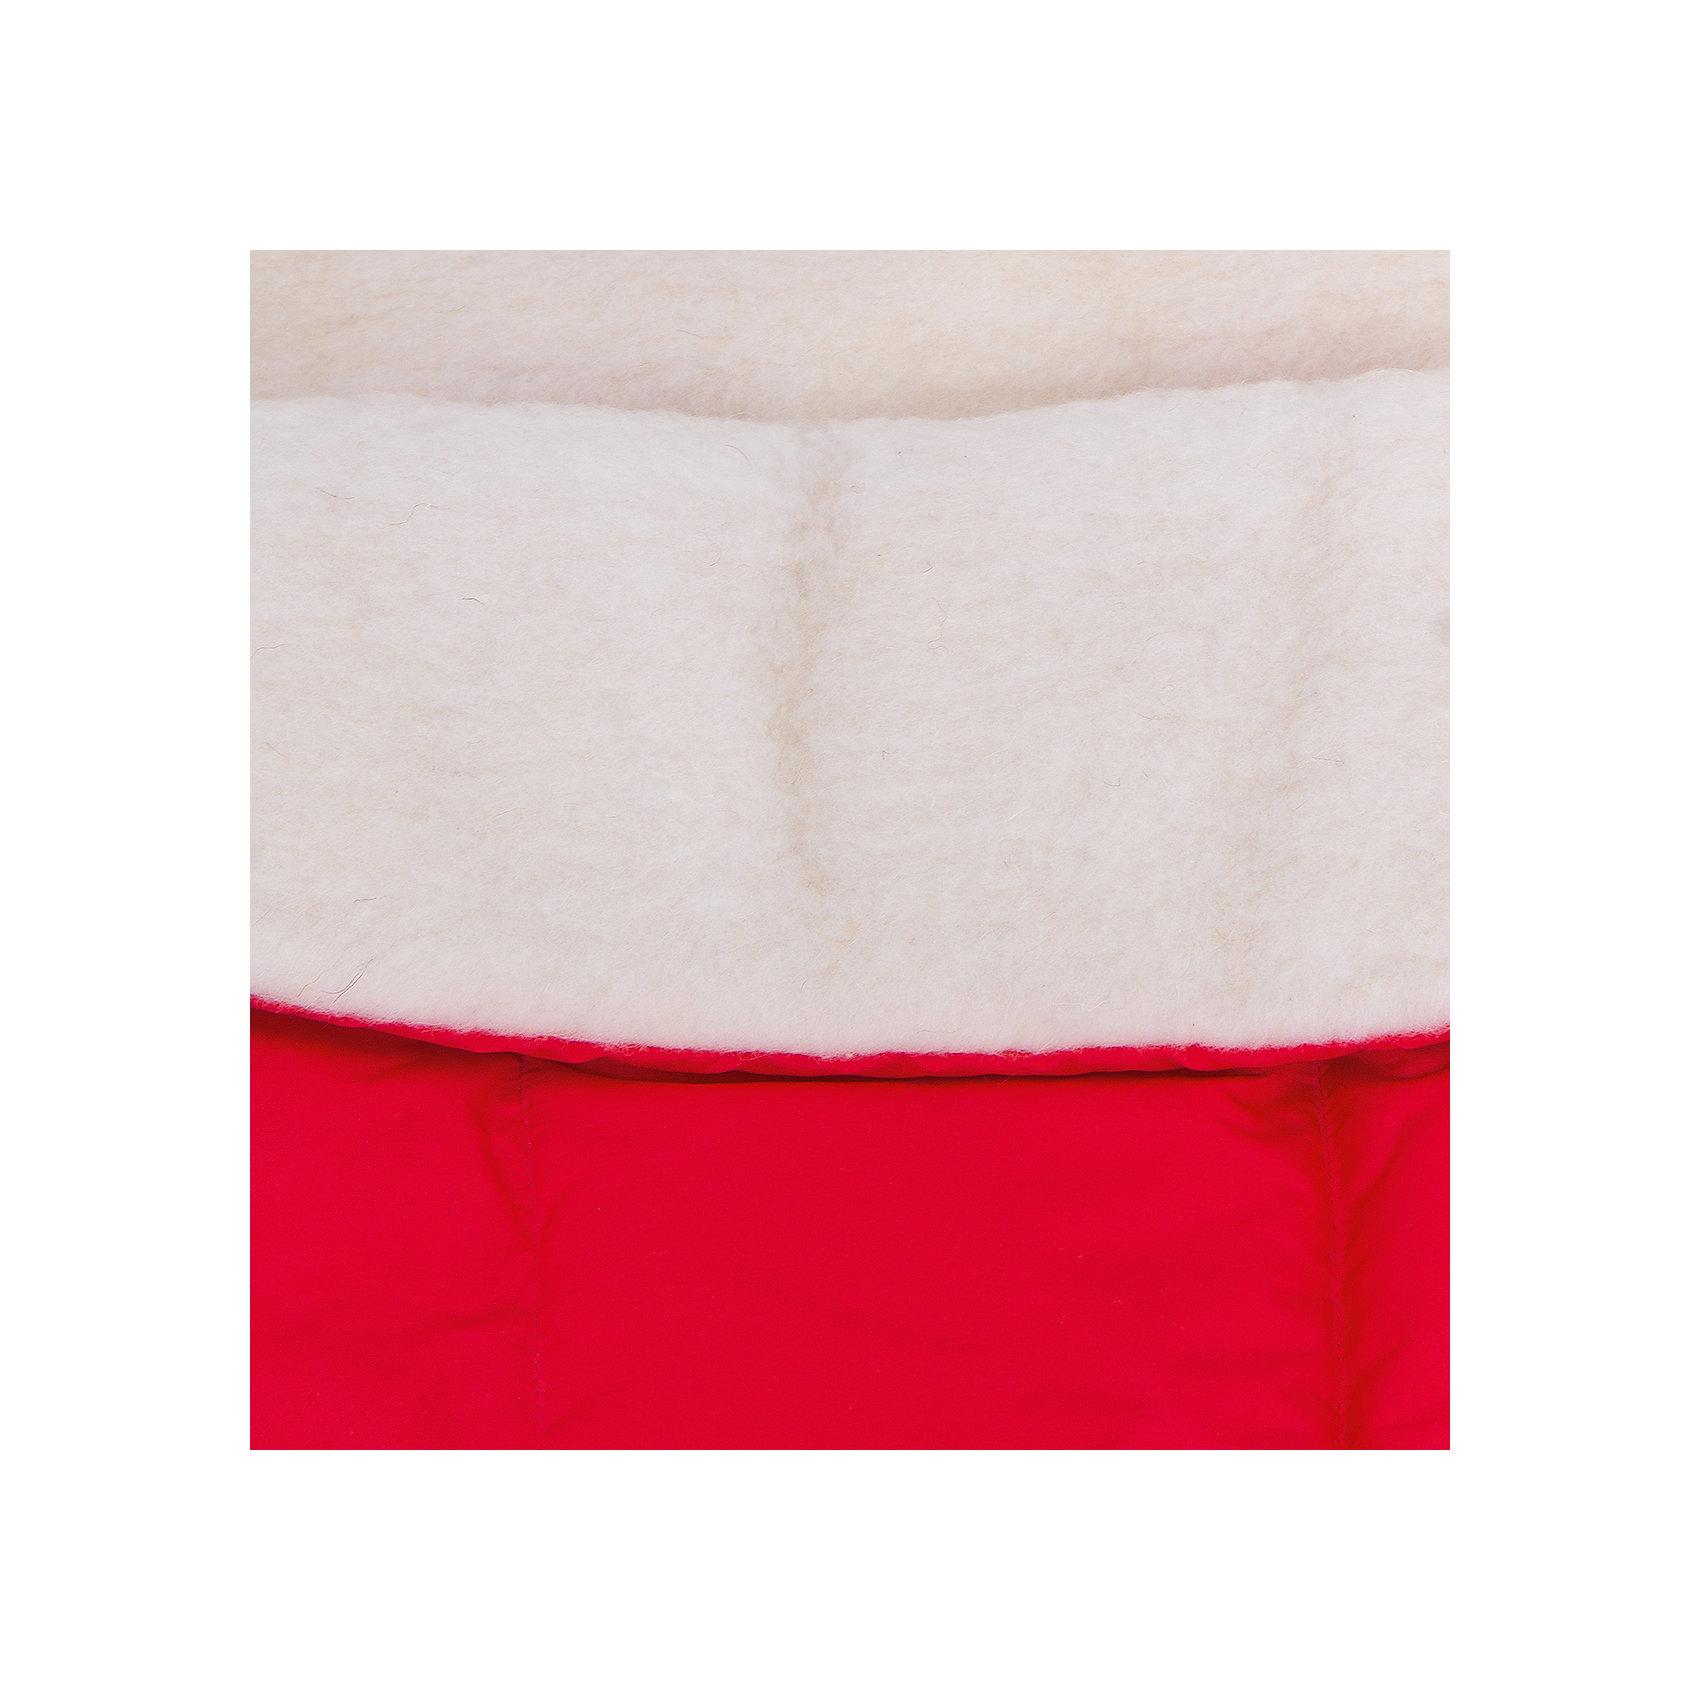 Конверт в коляску Норд, Сонный гномик, красный